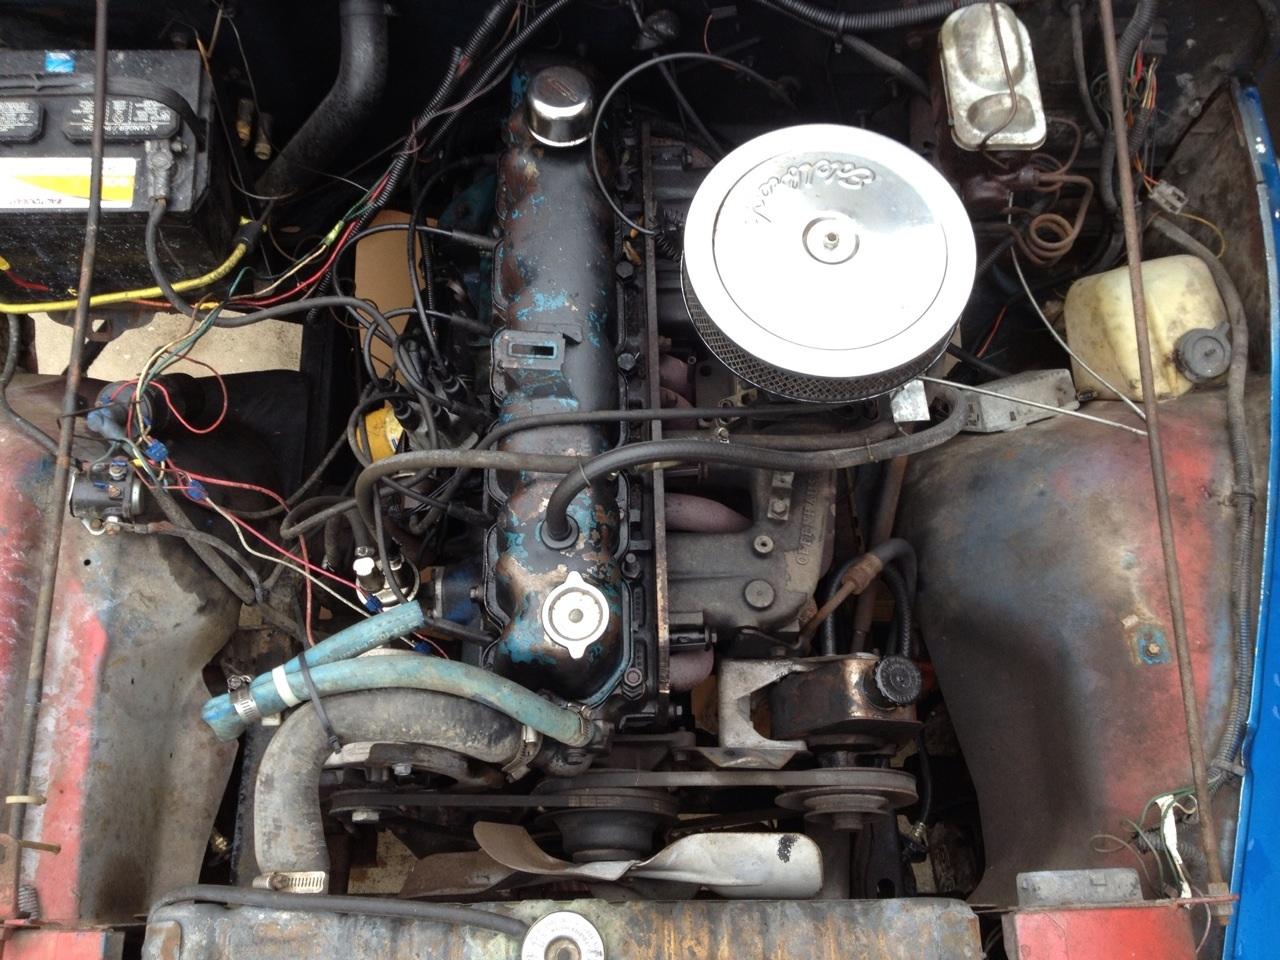 Current motor in CJ